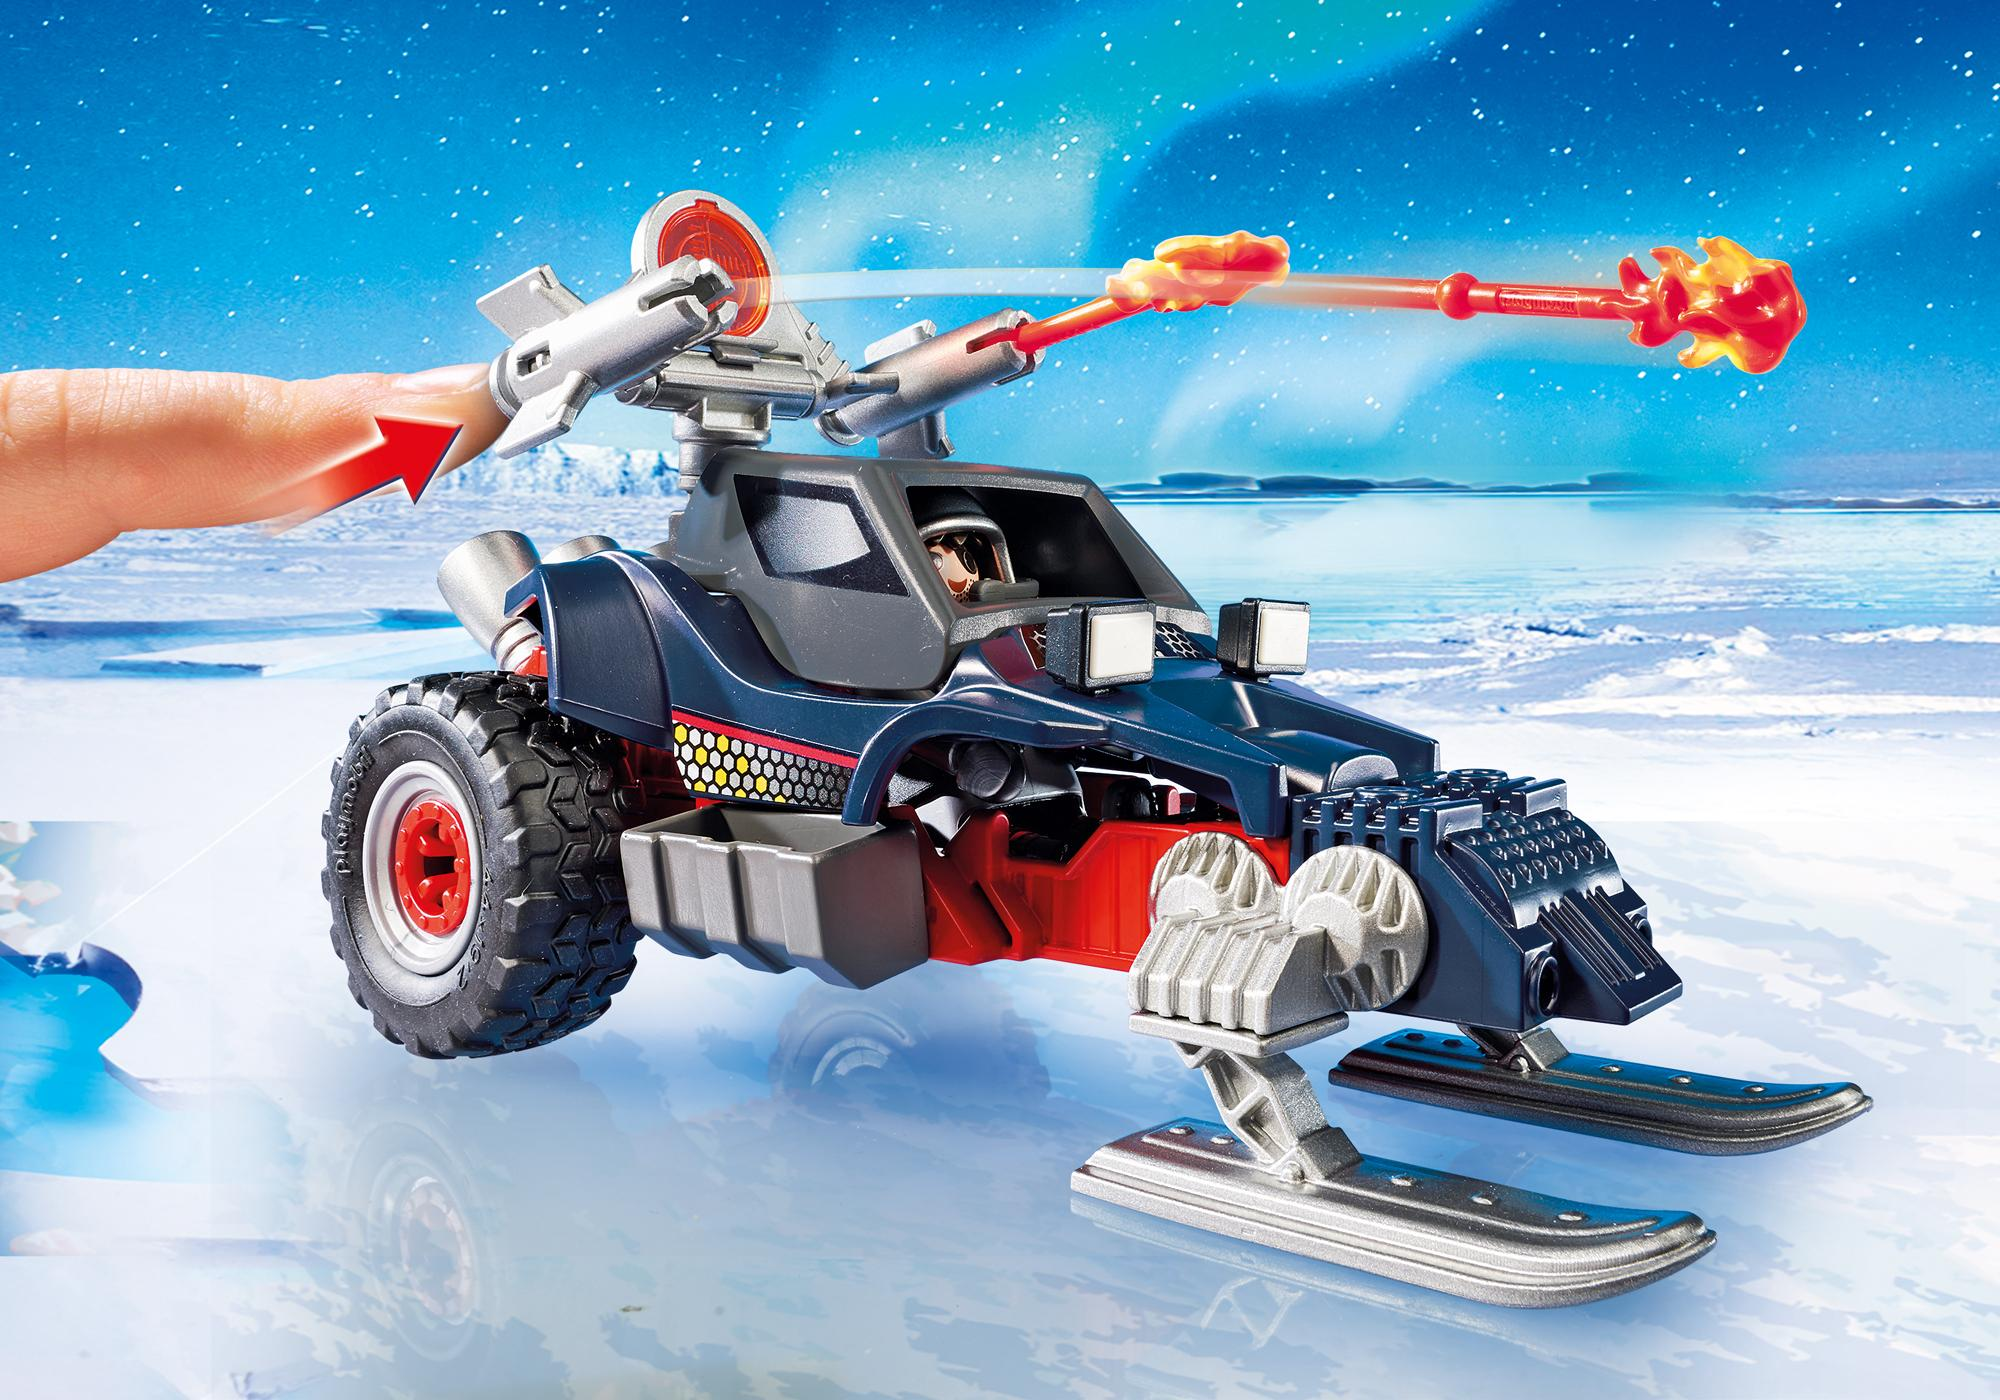 http://media.playmobil.com/i/playmobil/9058_product_extra2/Eispiraten-Racer